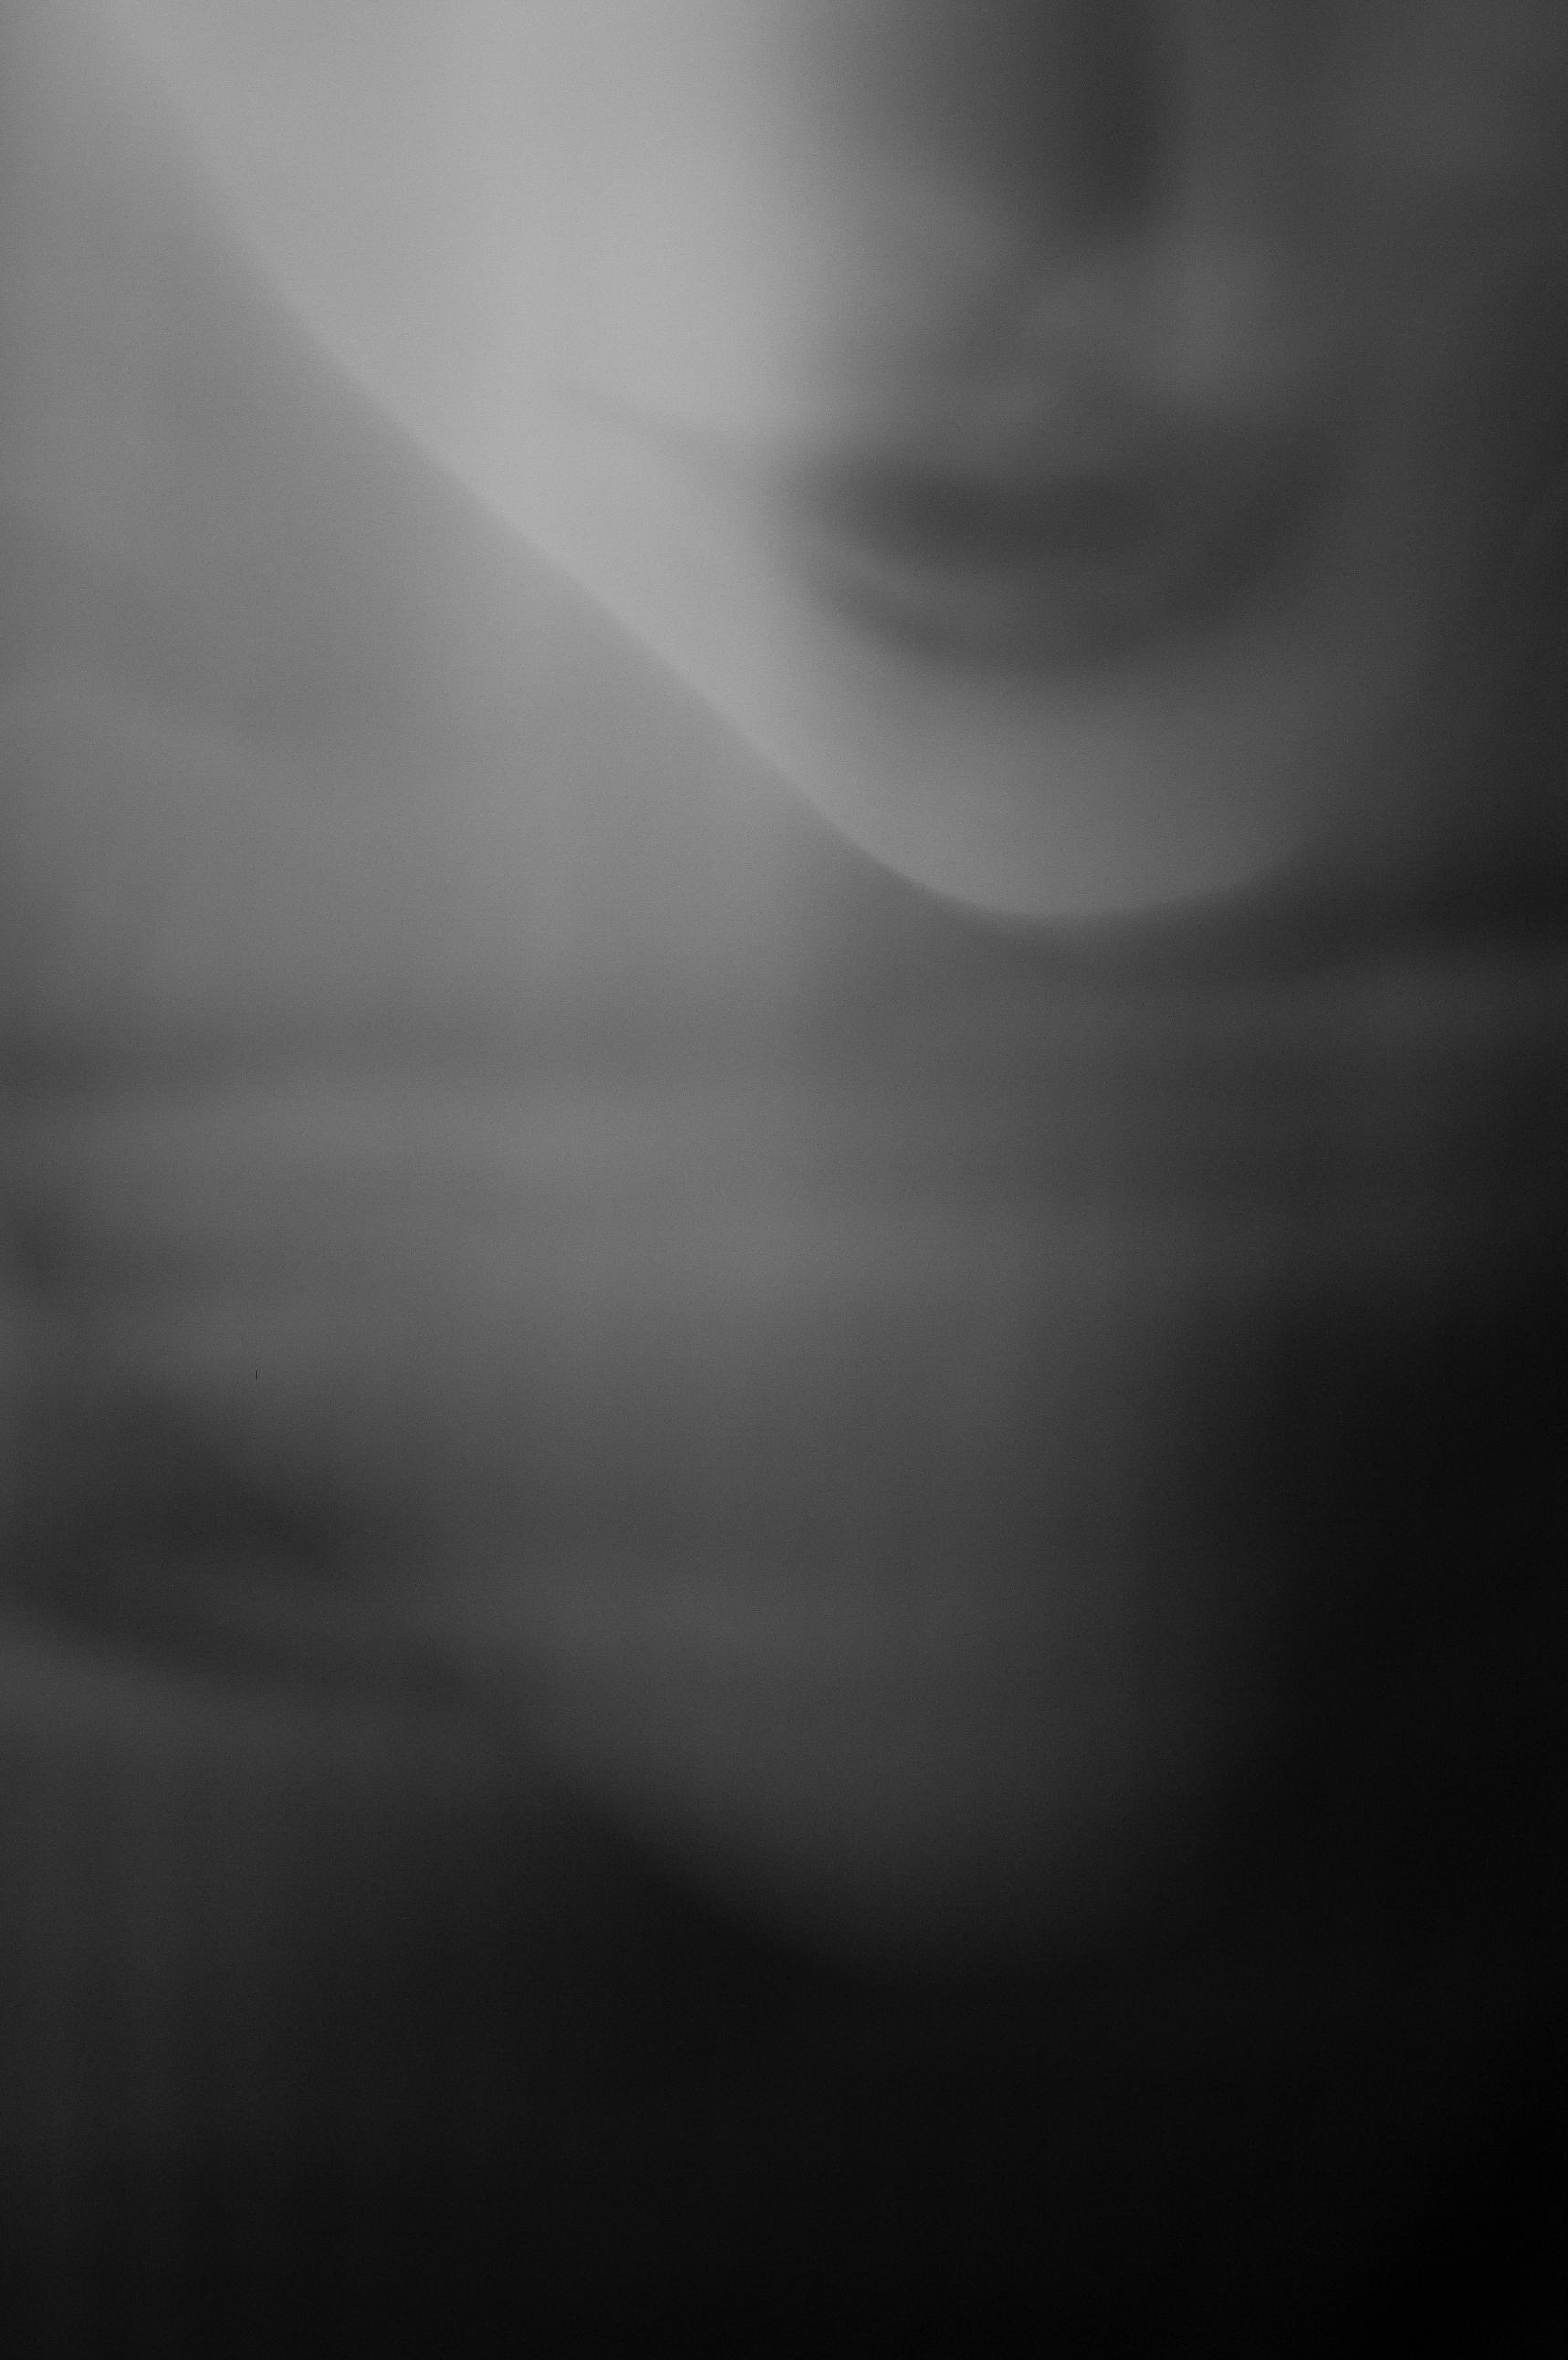 Screenshot 2021-02-09 at 14.06.16